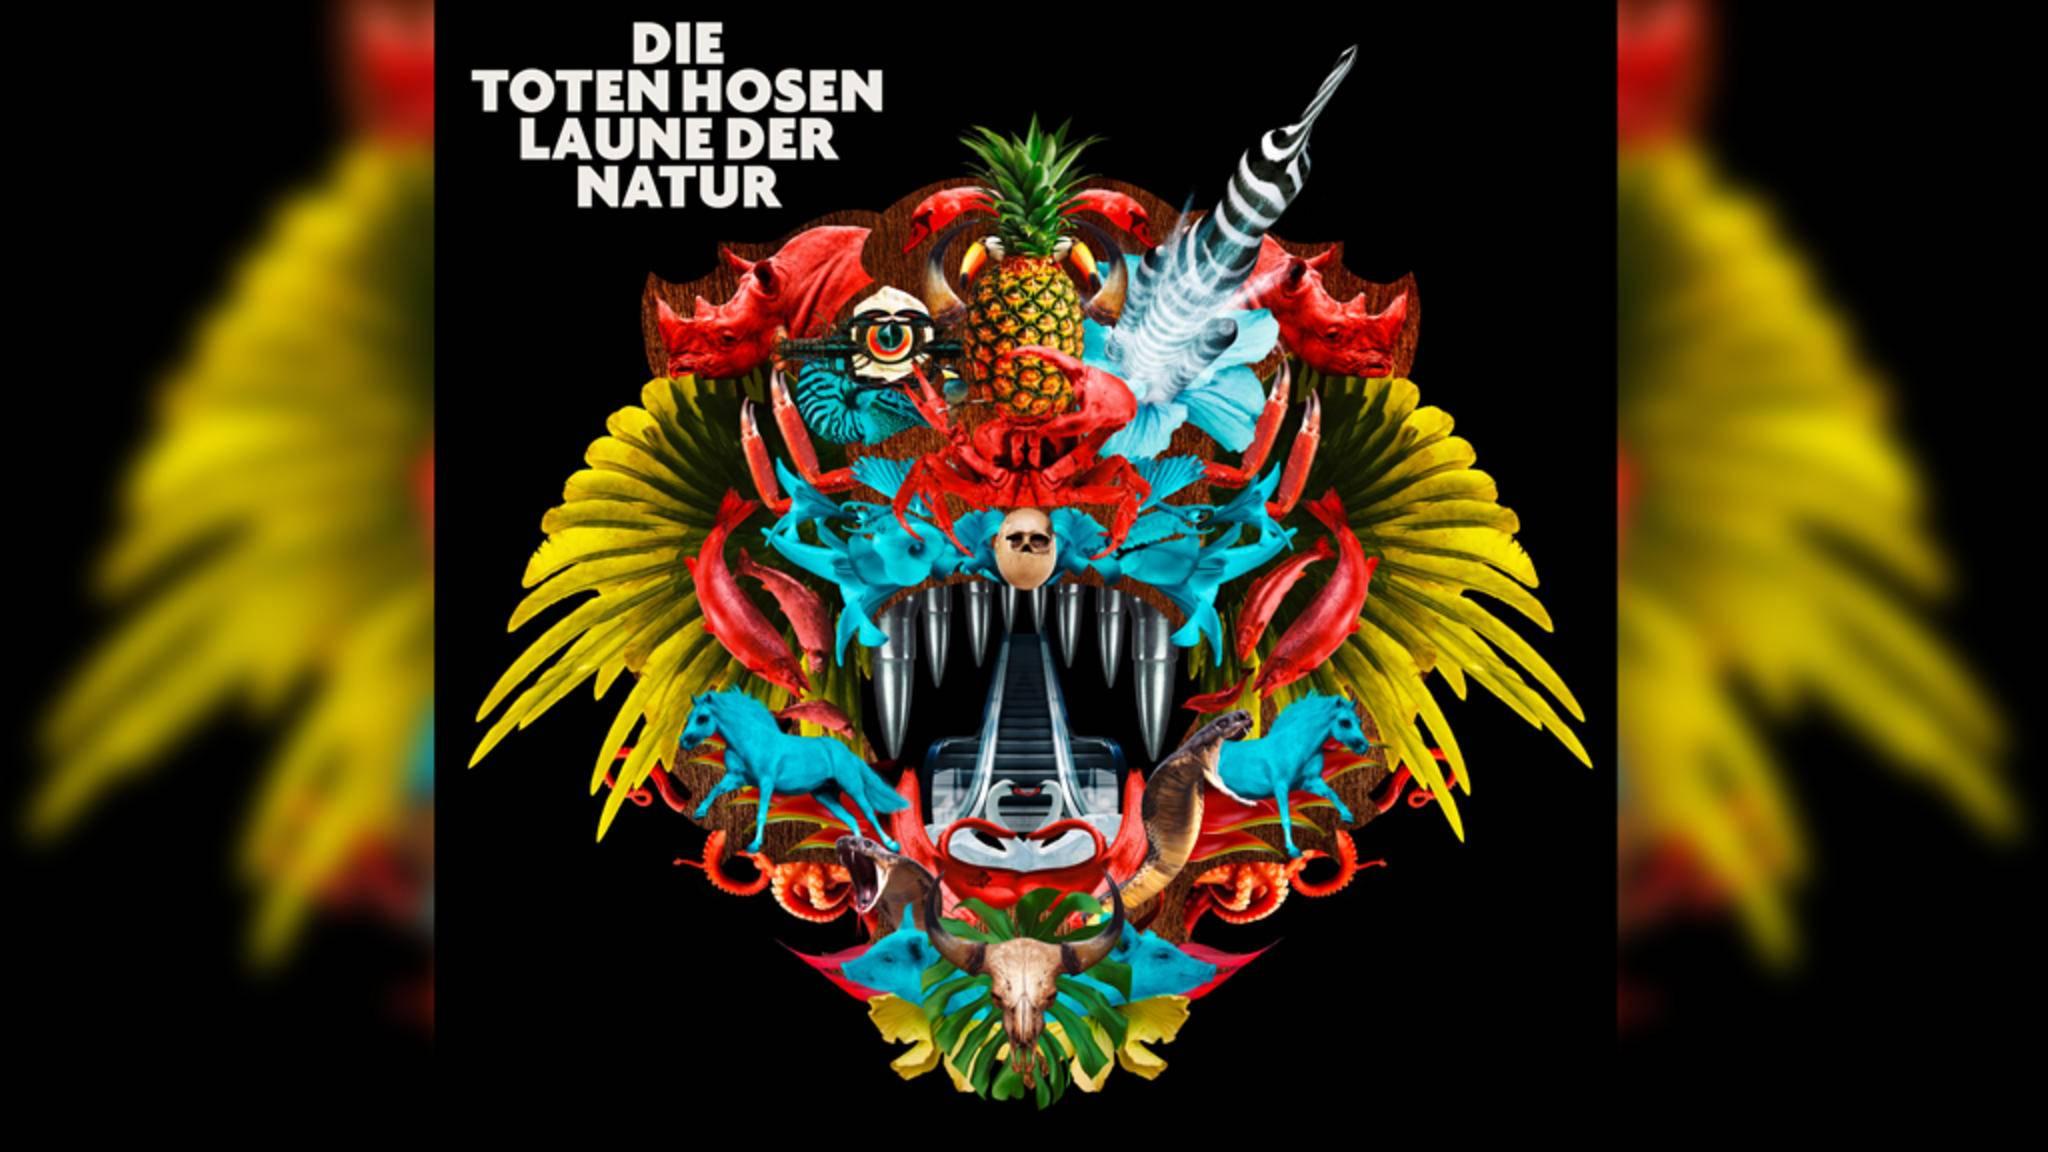 """""""Laune der Natur"""" ist bereits das 16. Album der Toten Hosen."""